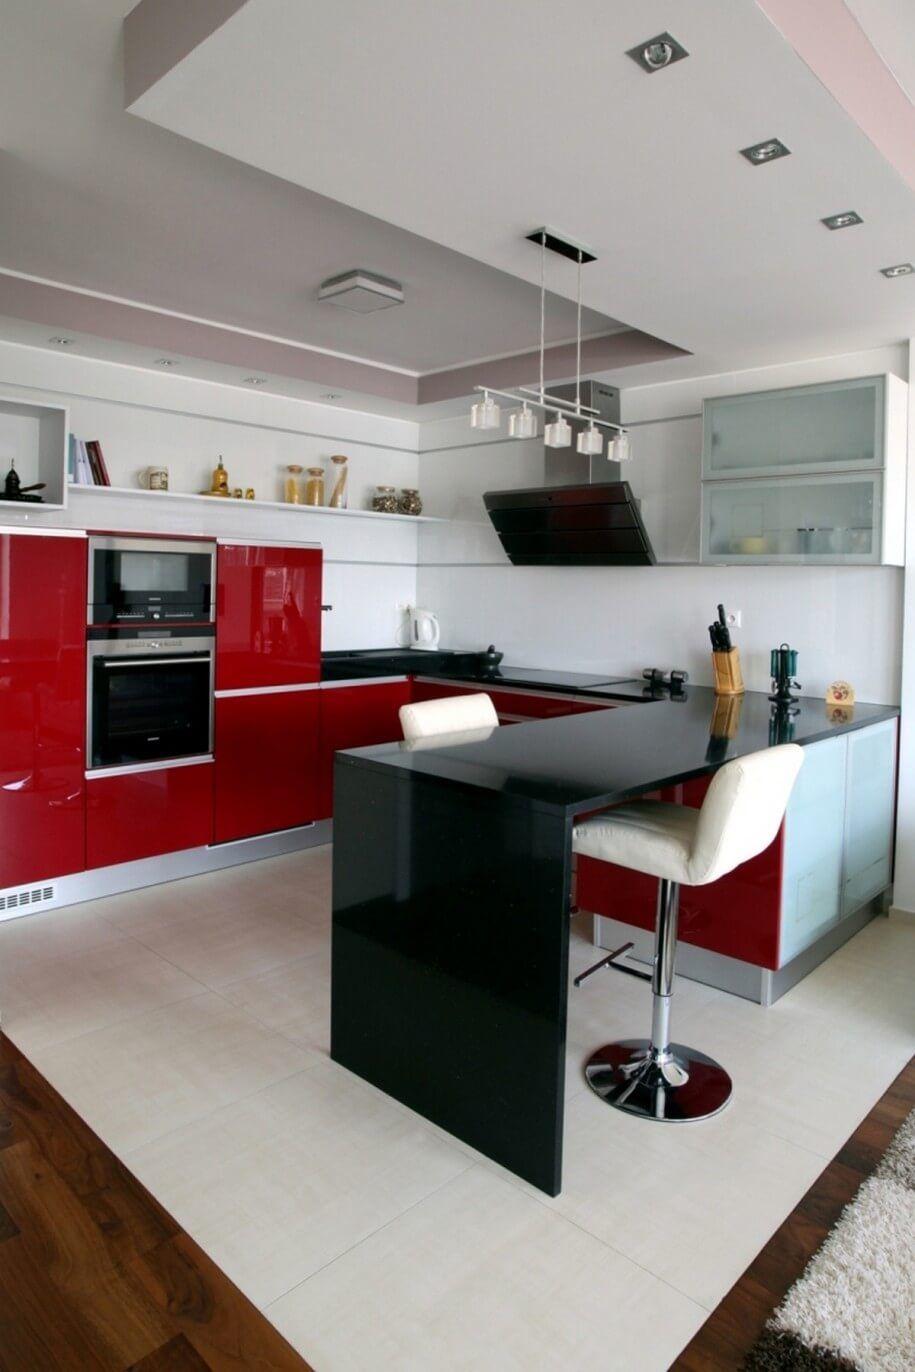 Cozinha Americana Apartamento Cozinhas Pinterest Cozinha